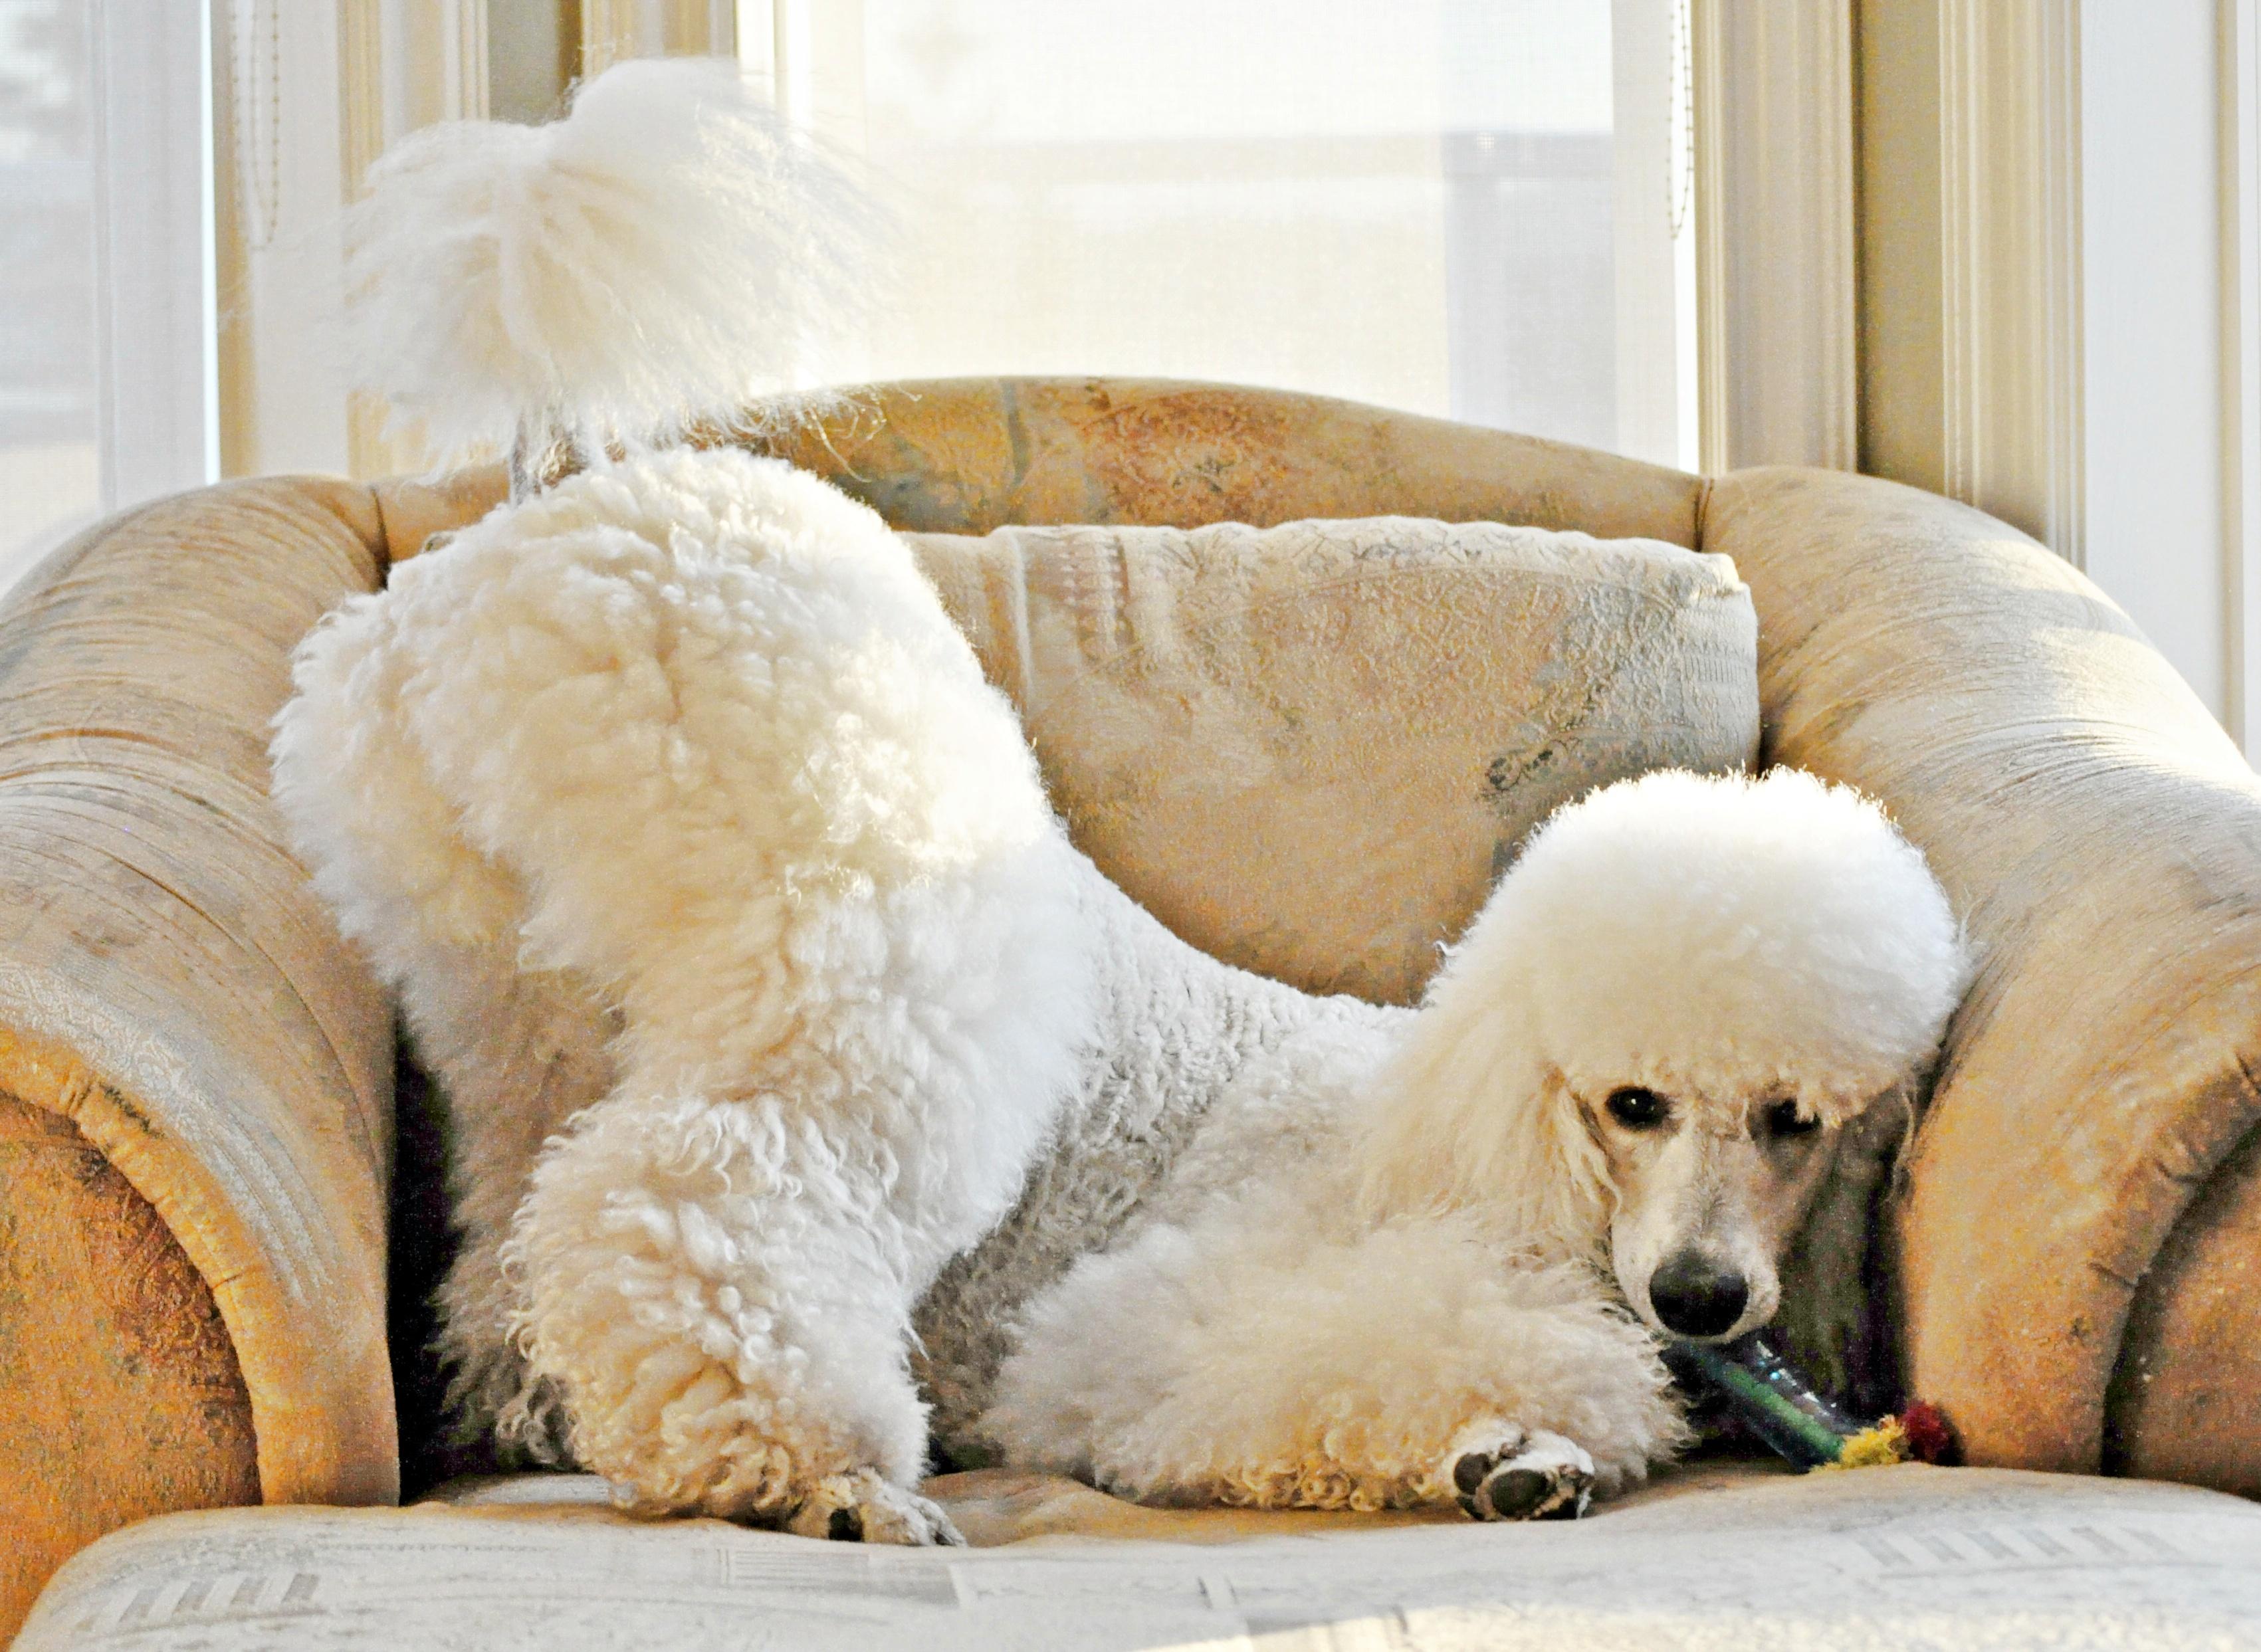 วอลเปเปอร์ สีขาว หาง เตียง เก้าอี้ หมา ครีม เลาจน์